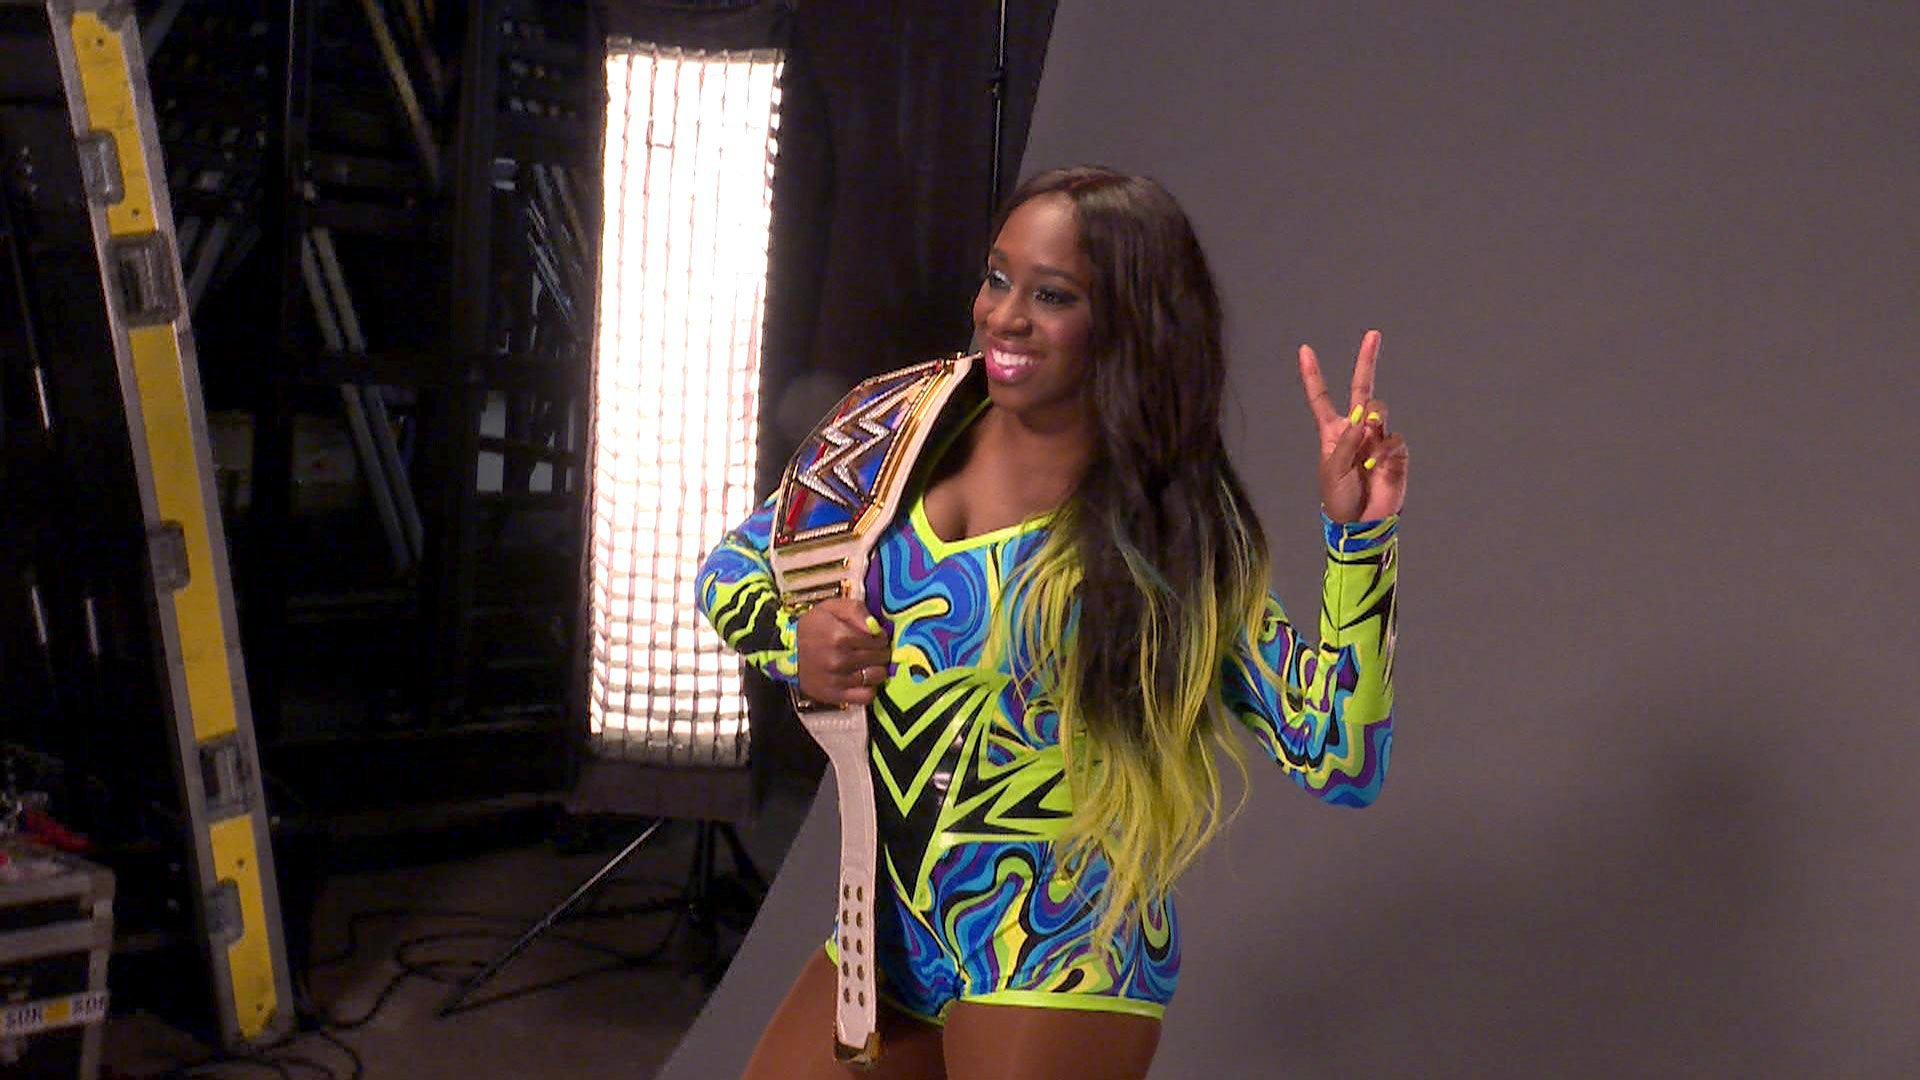 Naomi wygląda perfekcyjnie jako nowa Mistrzyni Kobiet SmackDown: WWE.com Exclusive 12.02.17